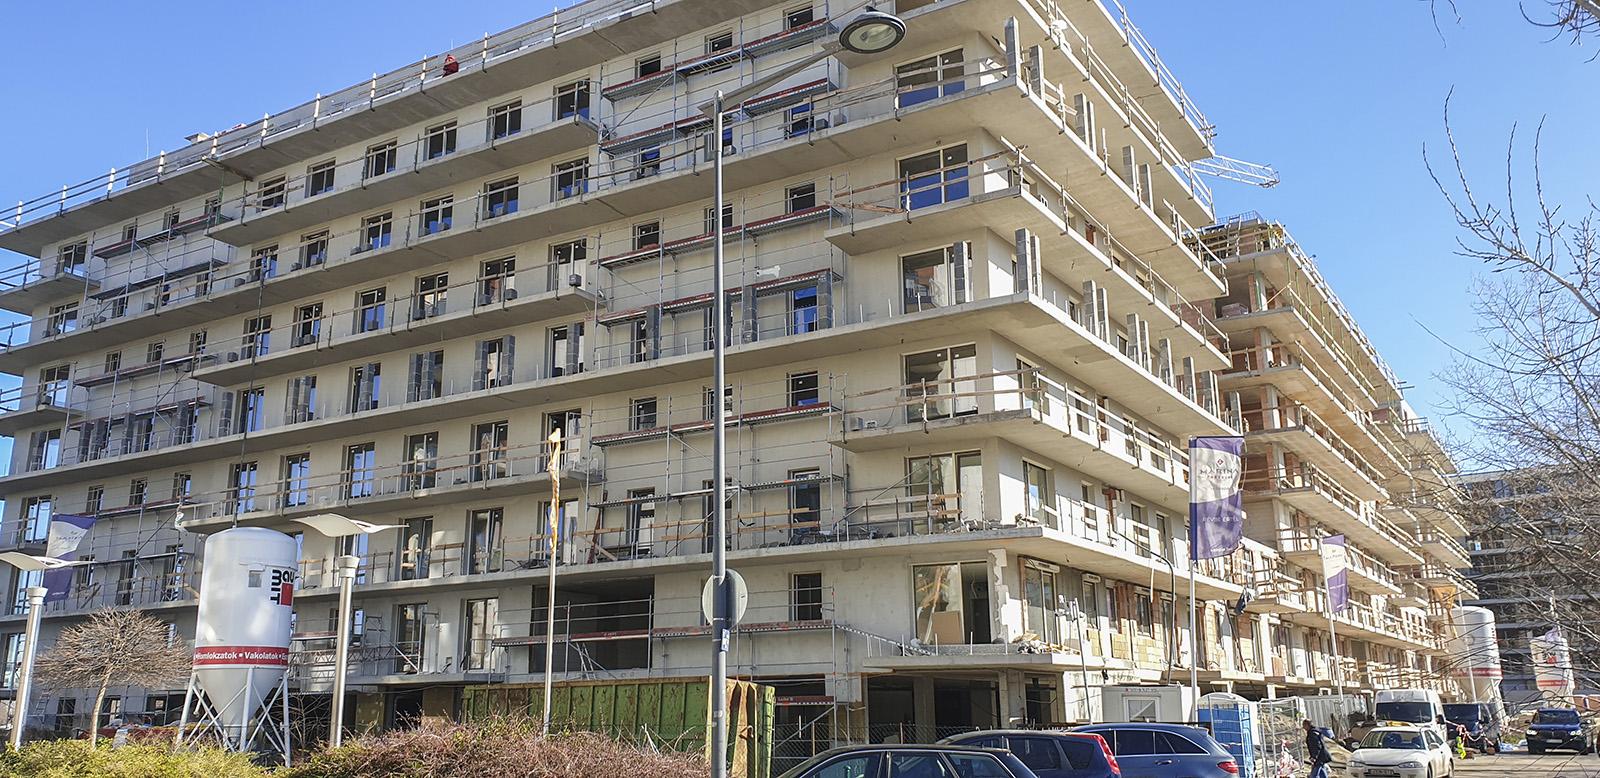 Proiect-Marina-Portside-Budapest